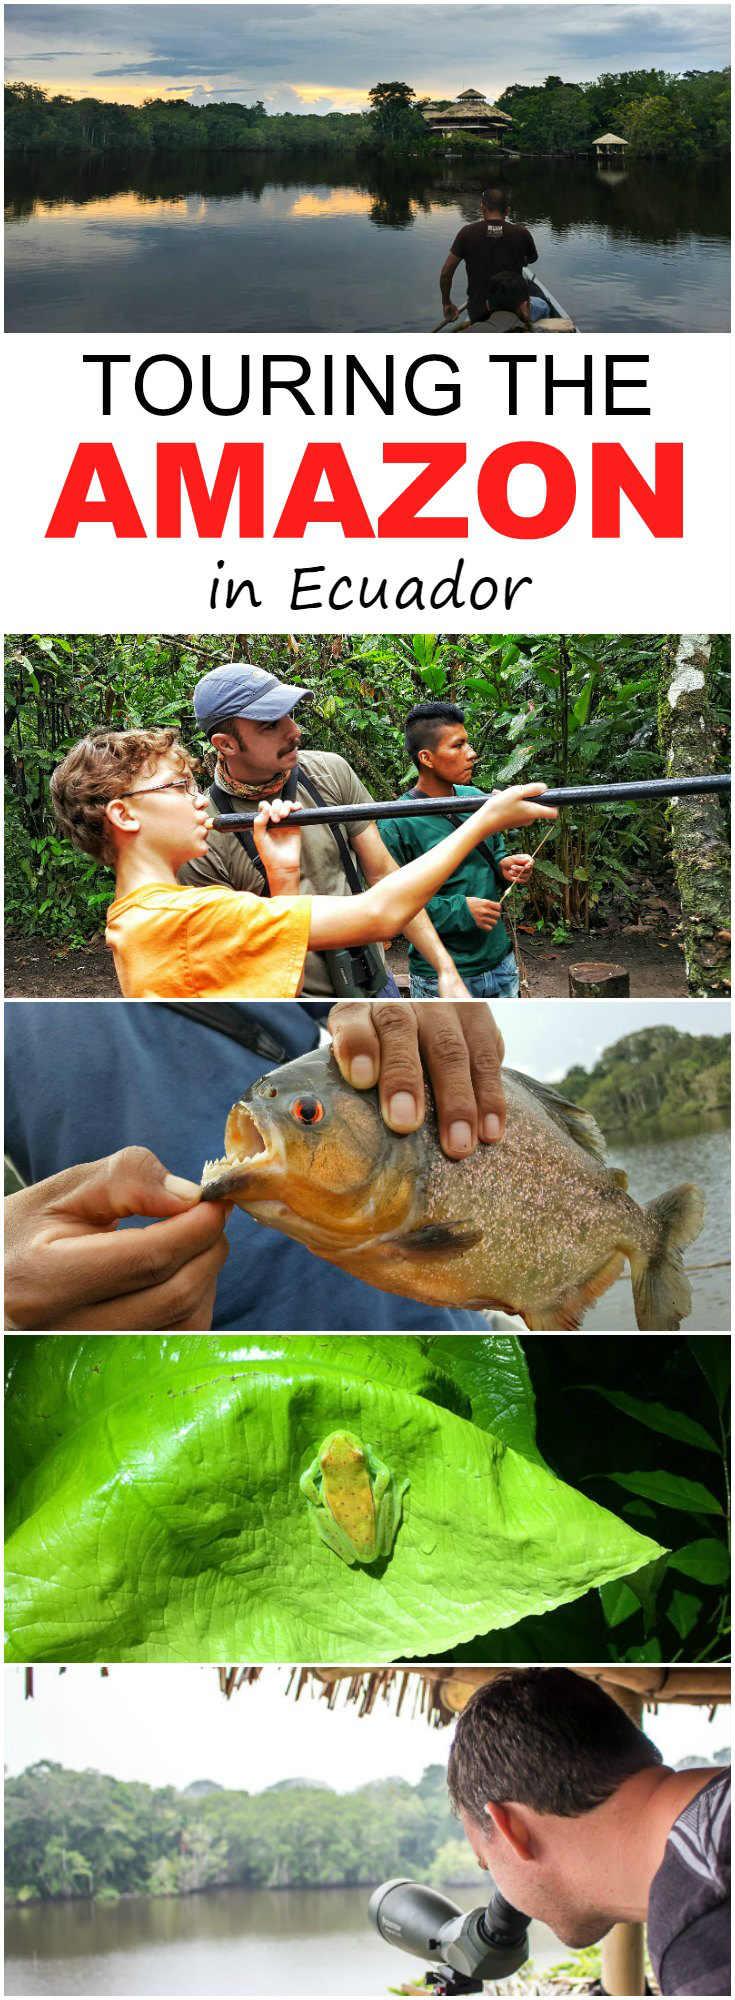 What To Expect On An Ecuador Amazon Tour With La Selva Lodge | Touring the Amazon in Ecuador | Ecuador Amazon rainforest | Ecuador Amazon Lodges | Ecuador Amazon tour | Ecuador Amazon jungle